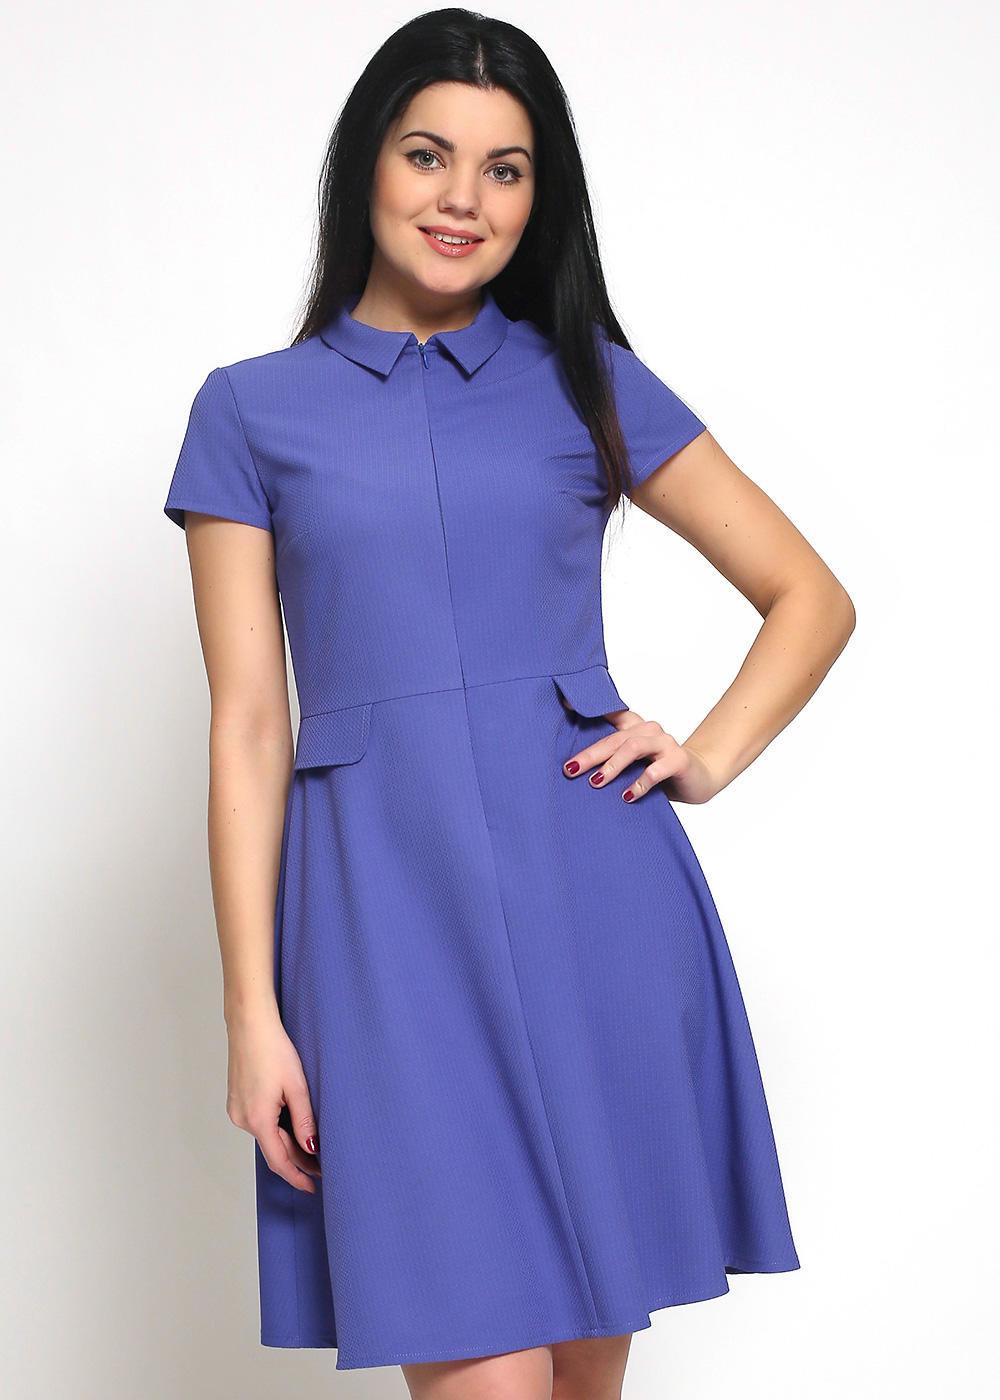 Модели платья для пошива фото